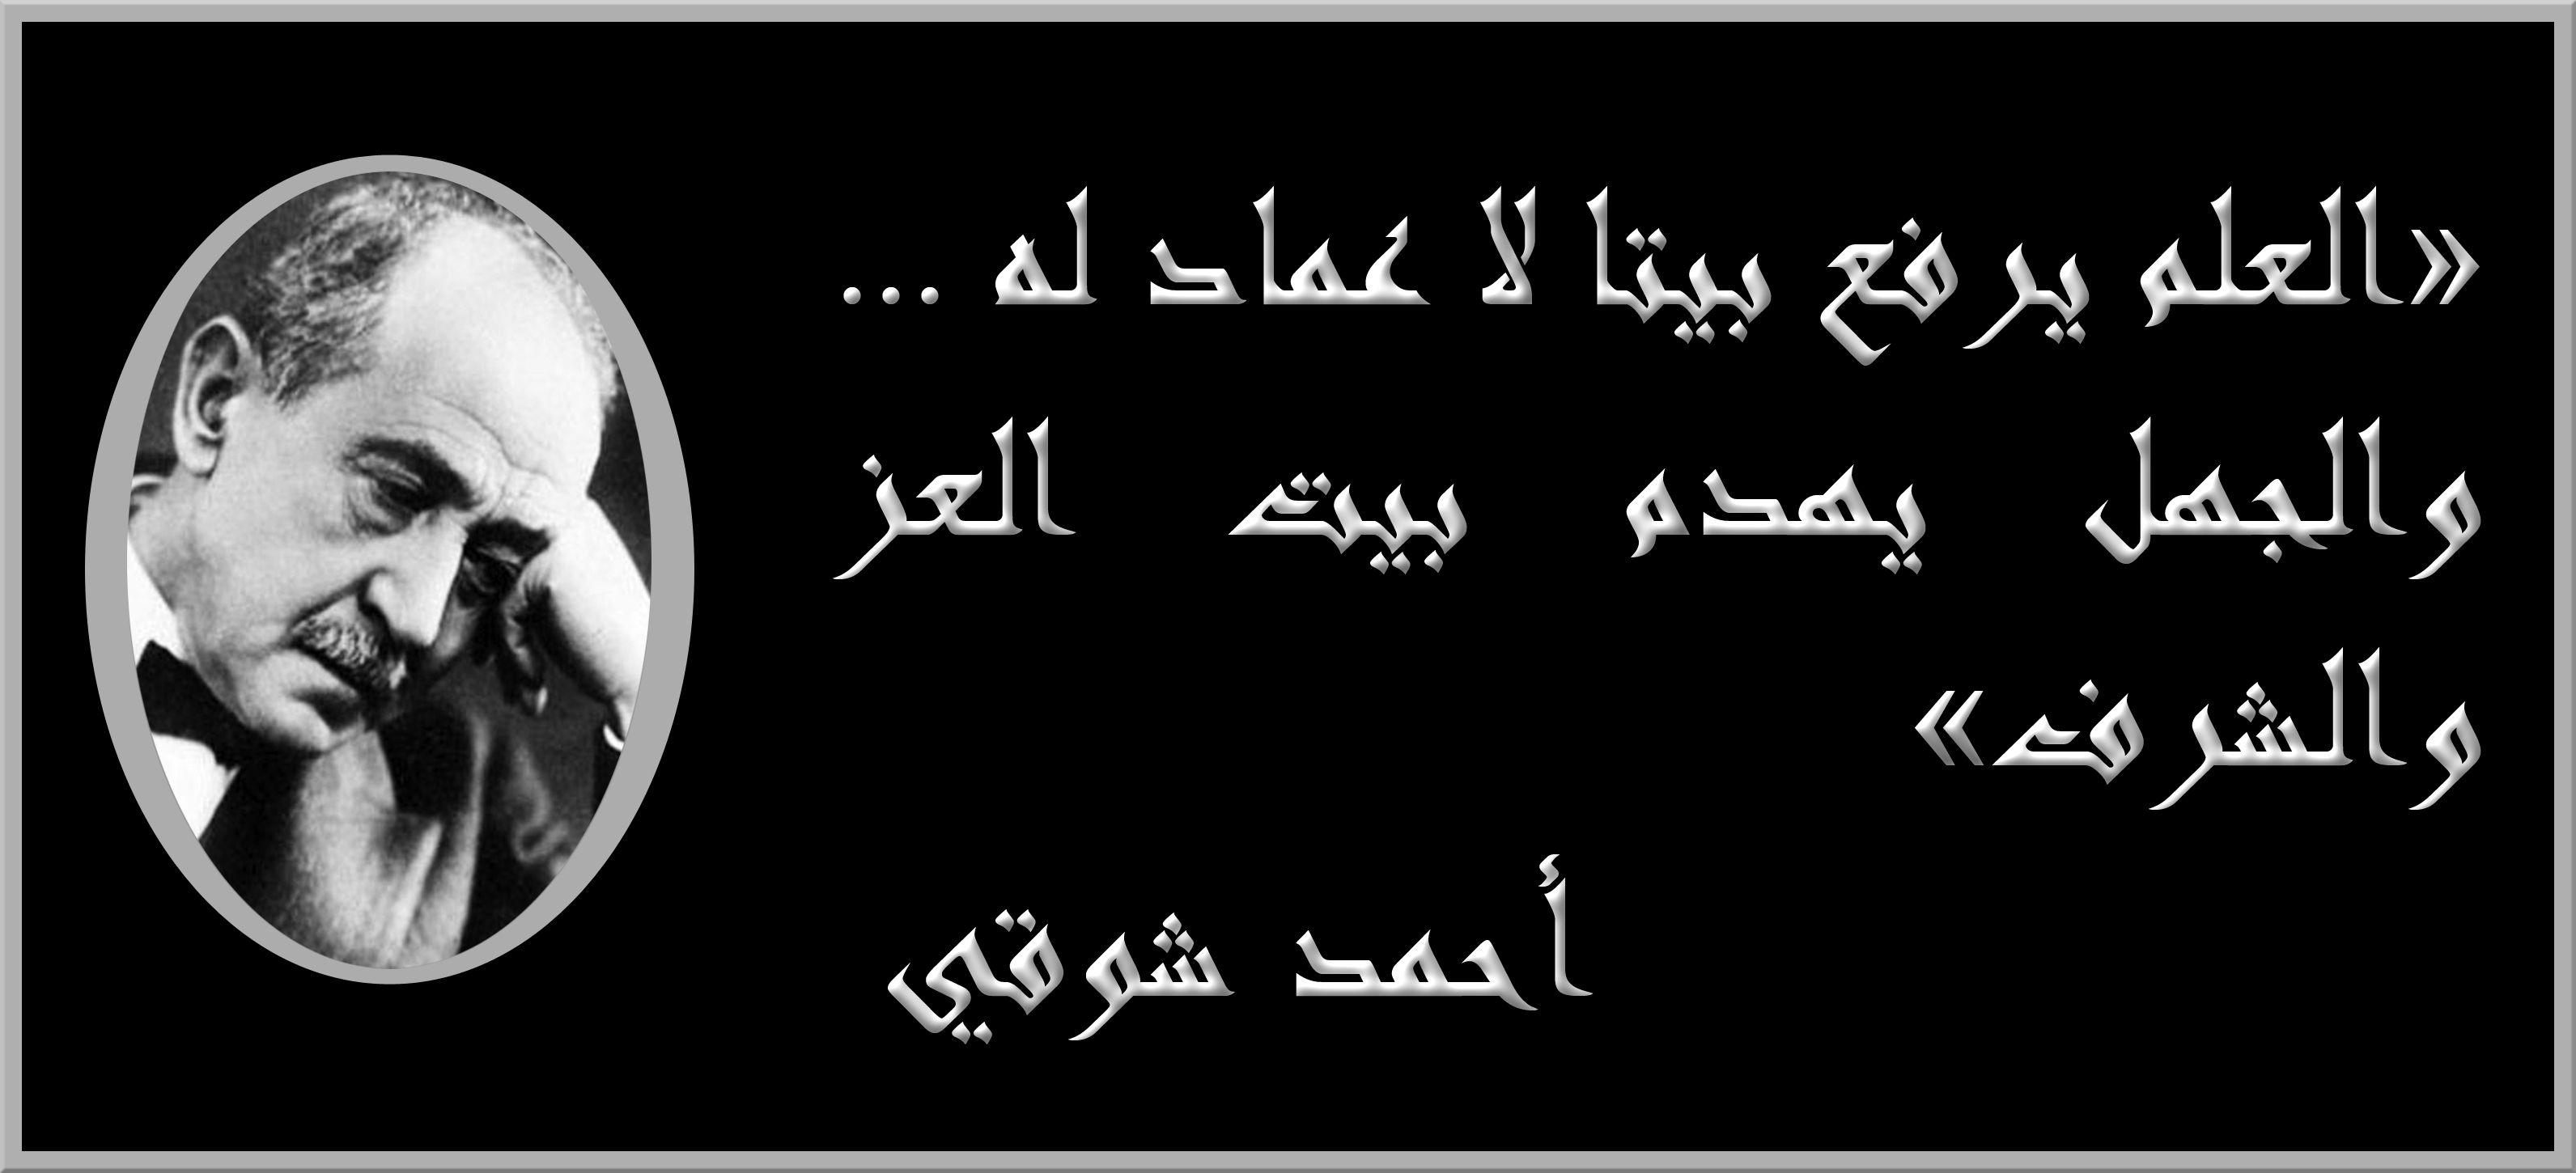 العلم يرفع بيتا لا عماد له والجهل يهدم بيت العز والشرف أحمد شوقي